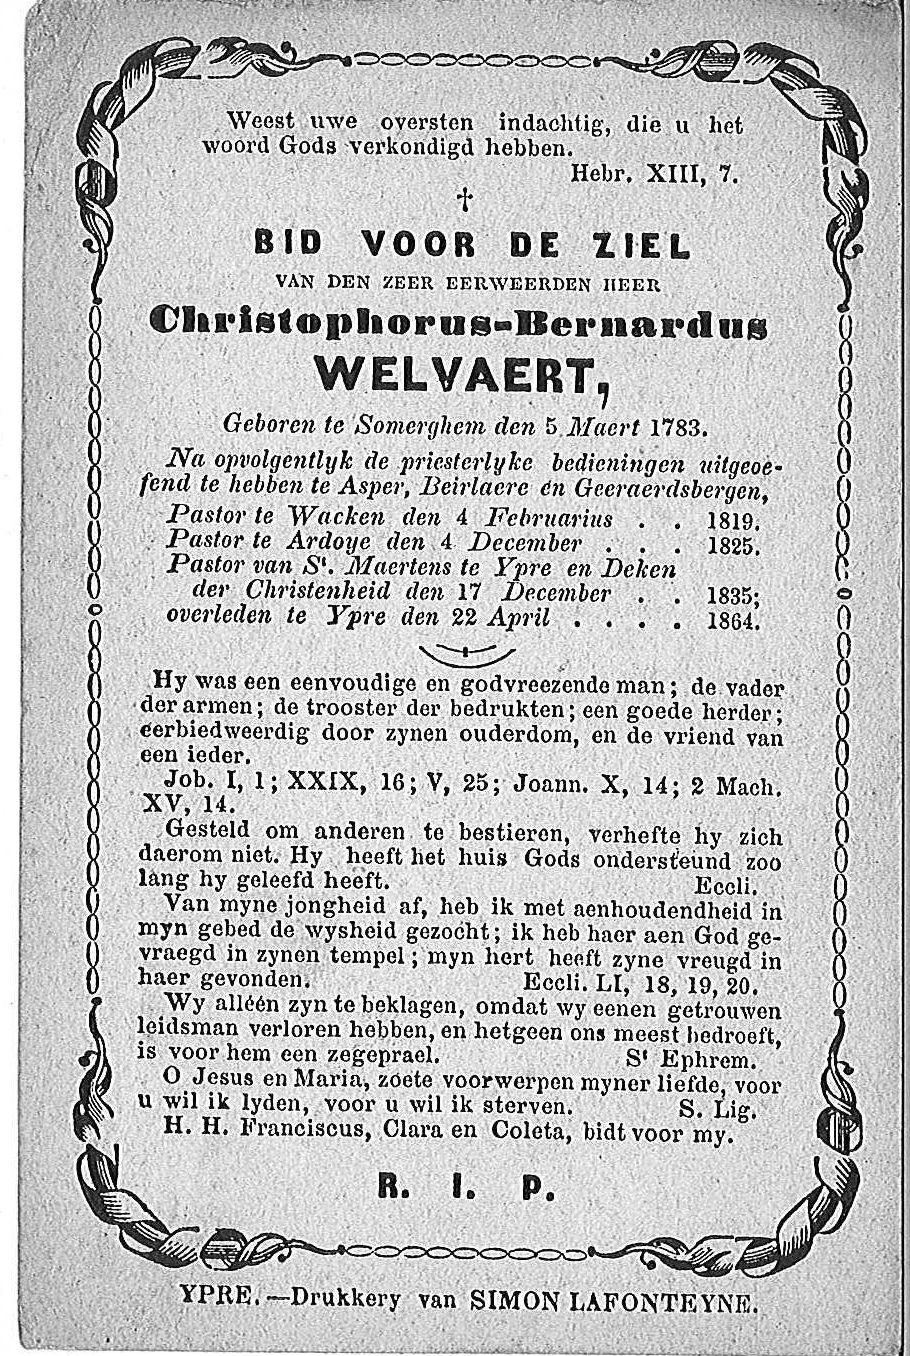 Christophorus-Bernardus Welvaert